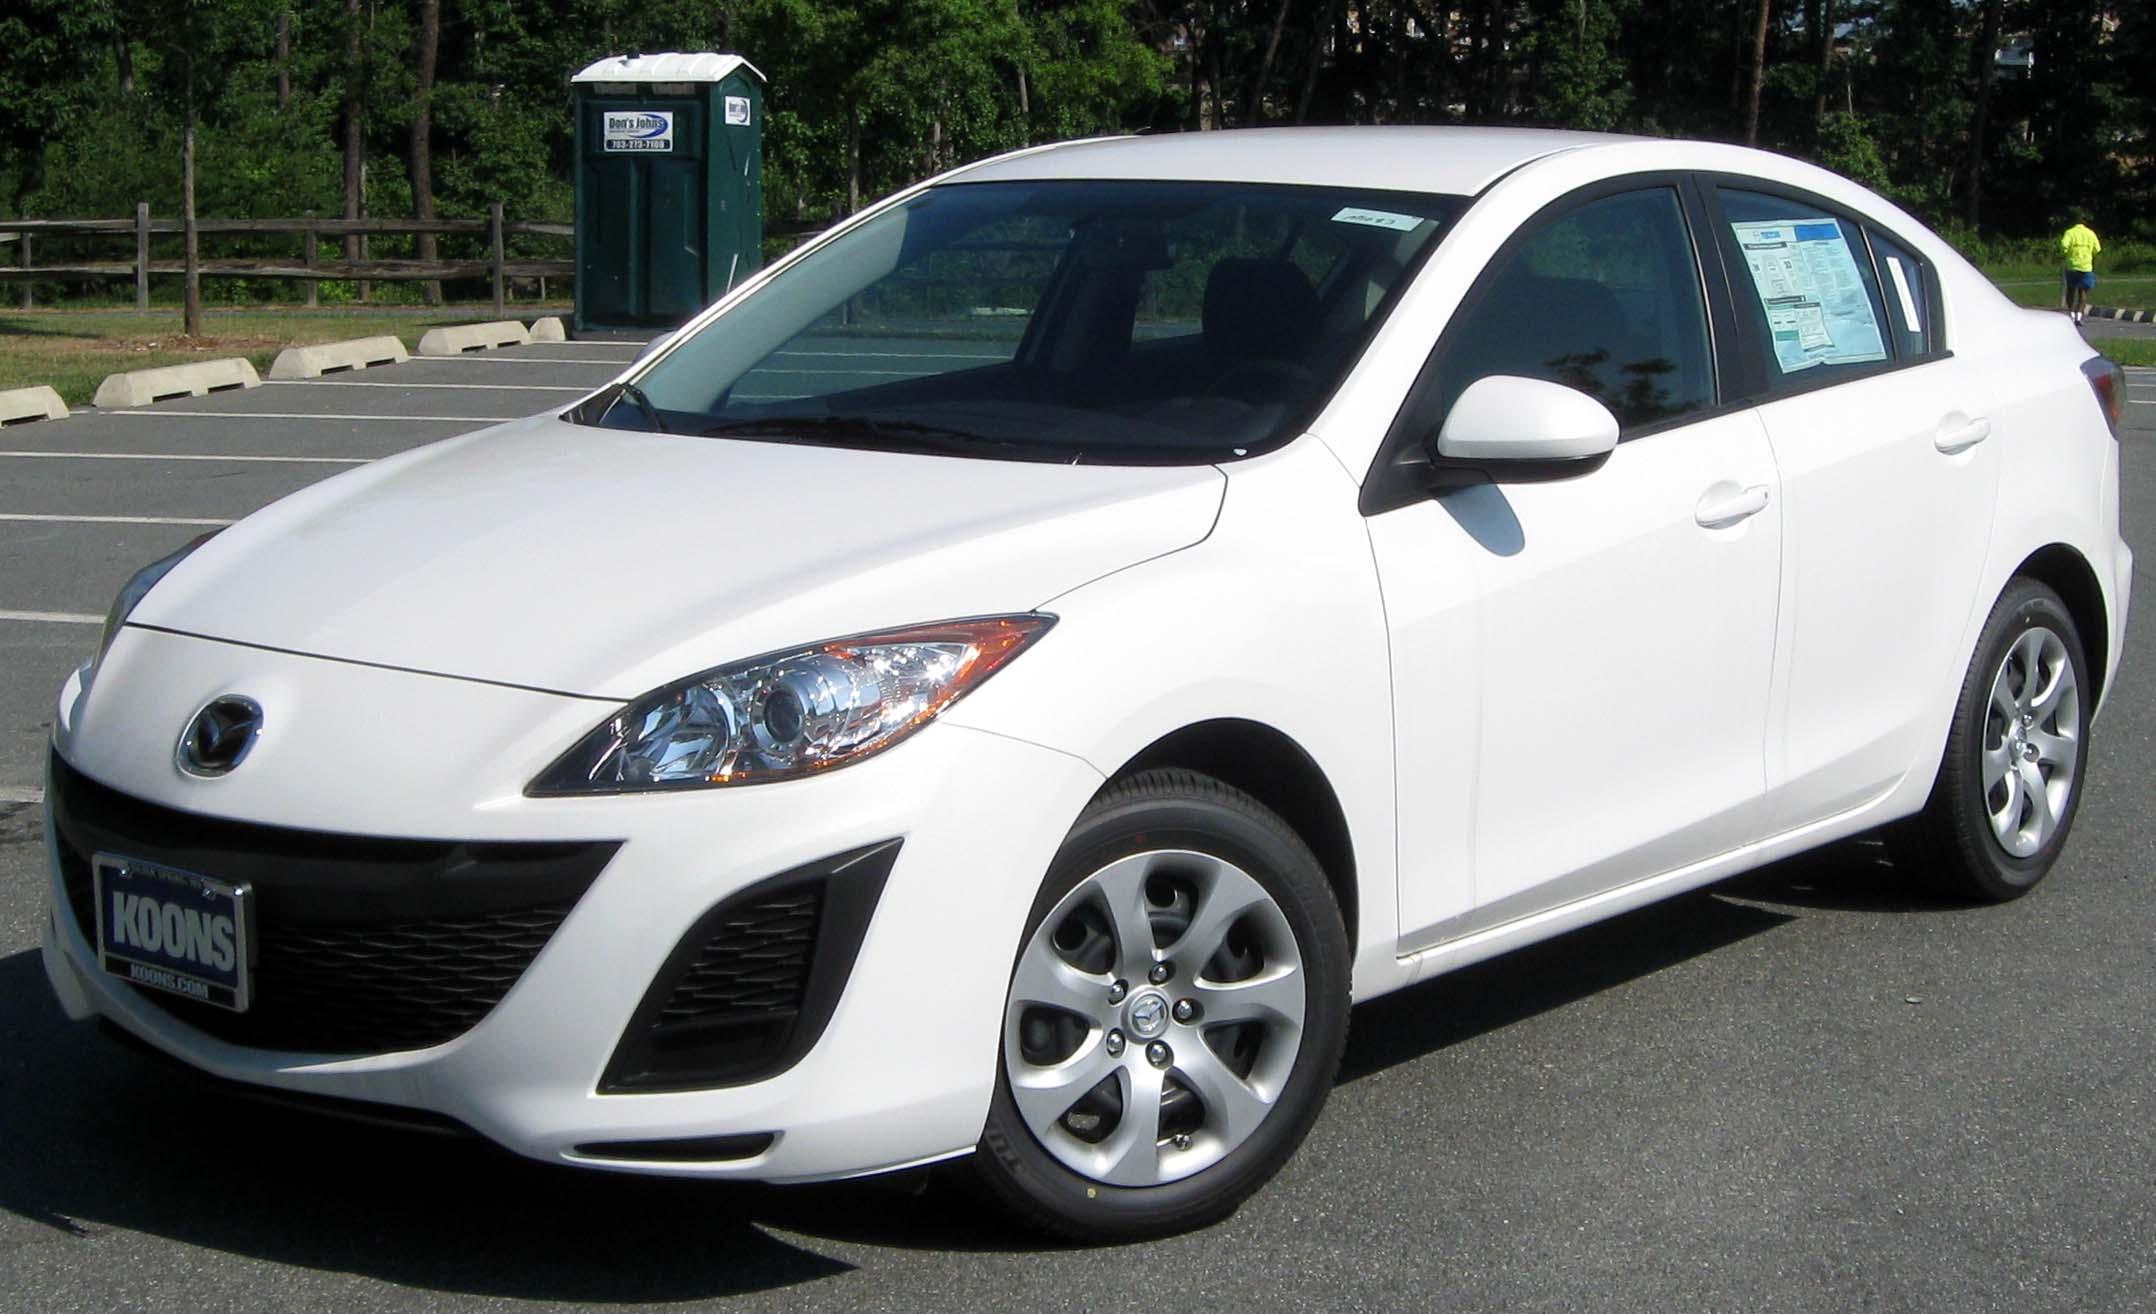 2011 Mazda Mazda3 Image 10